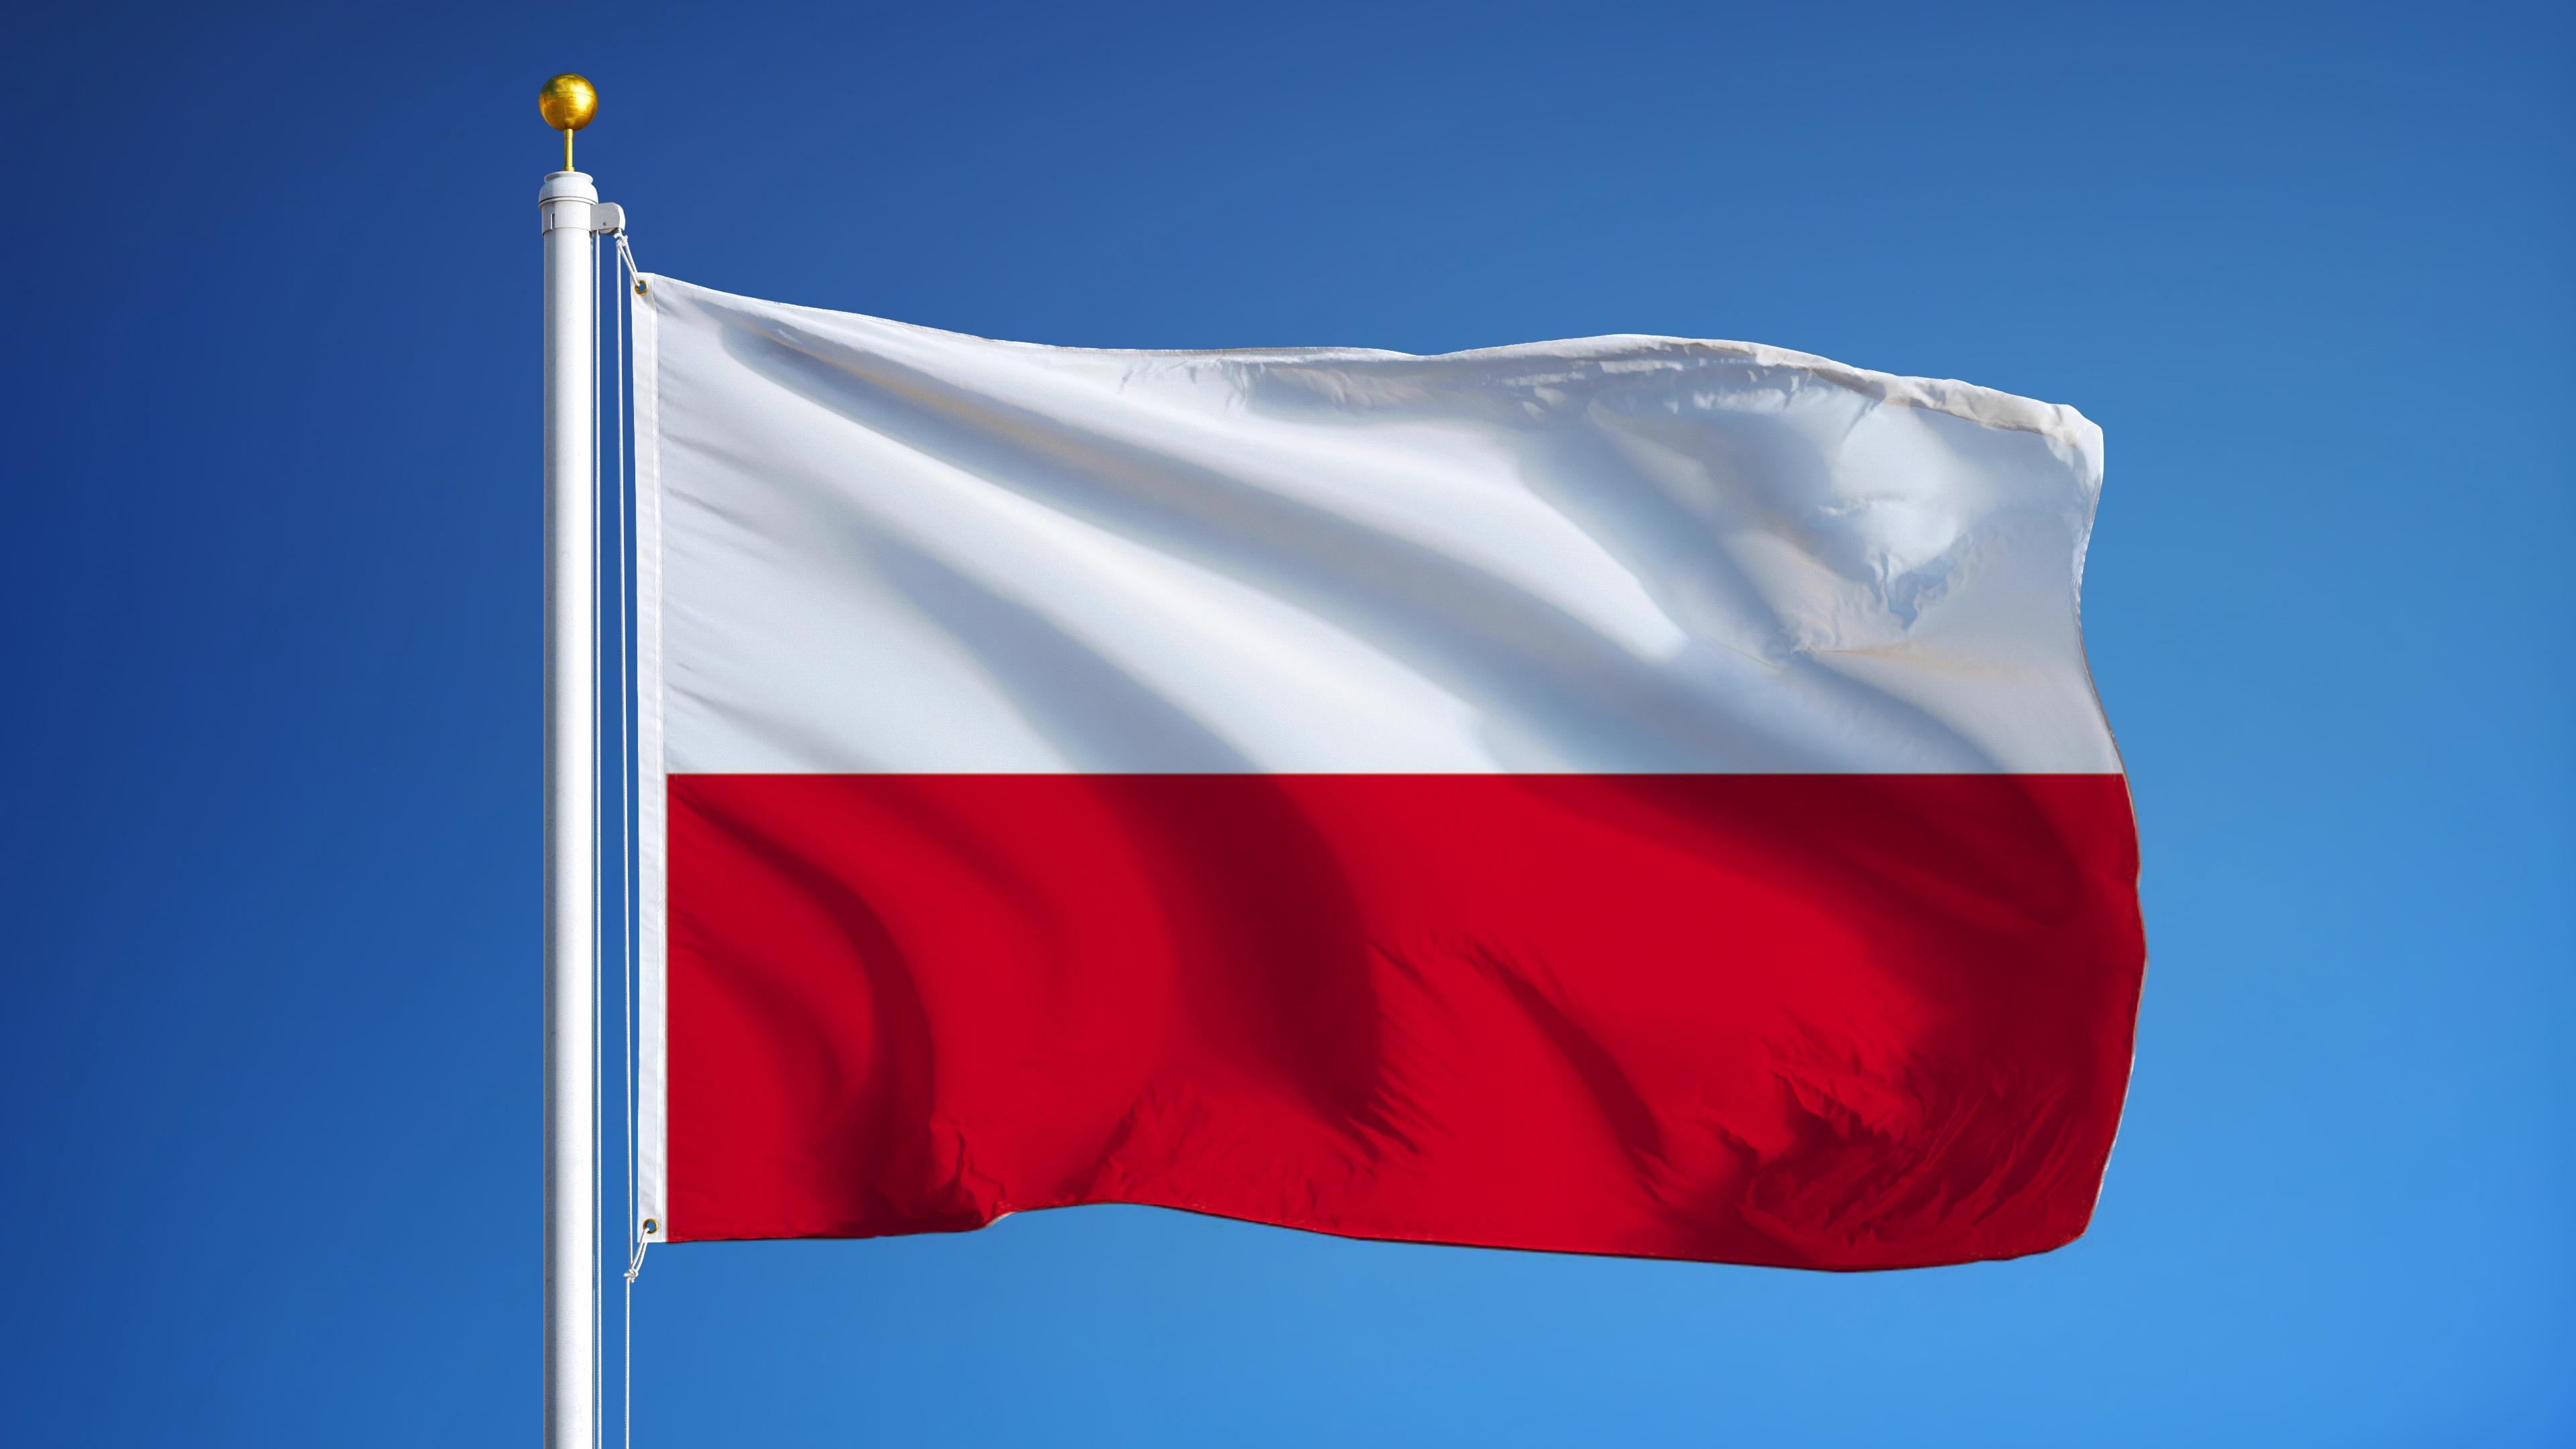 Polonya'nın Başkenti ve Para Birimi Nedir? Polonya'nın Bayrağı Nasıldır?